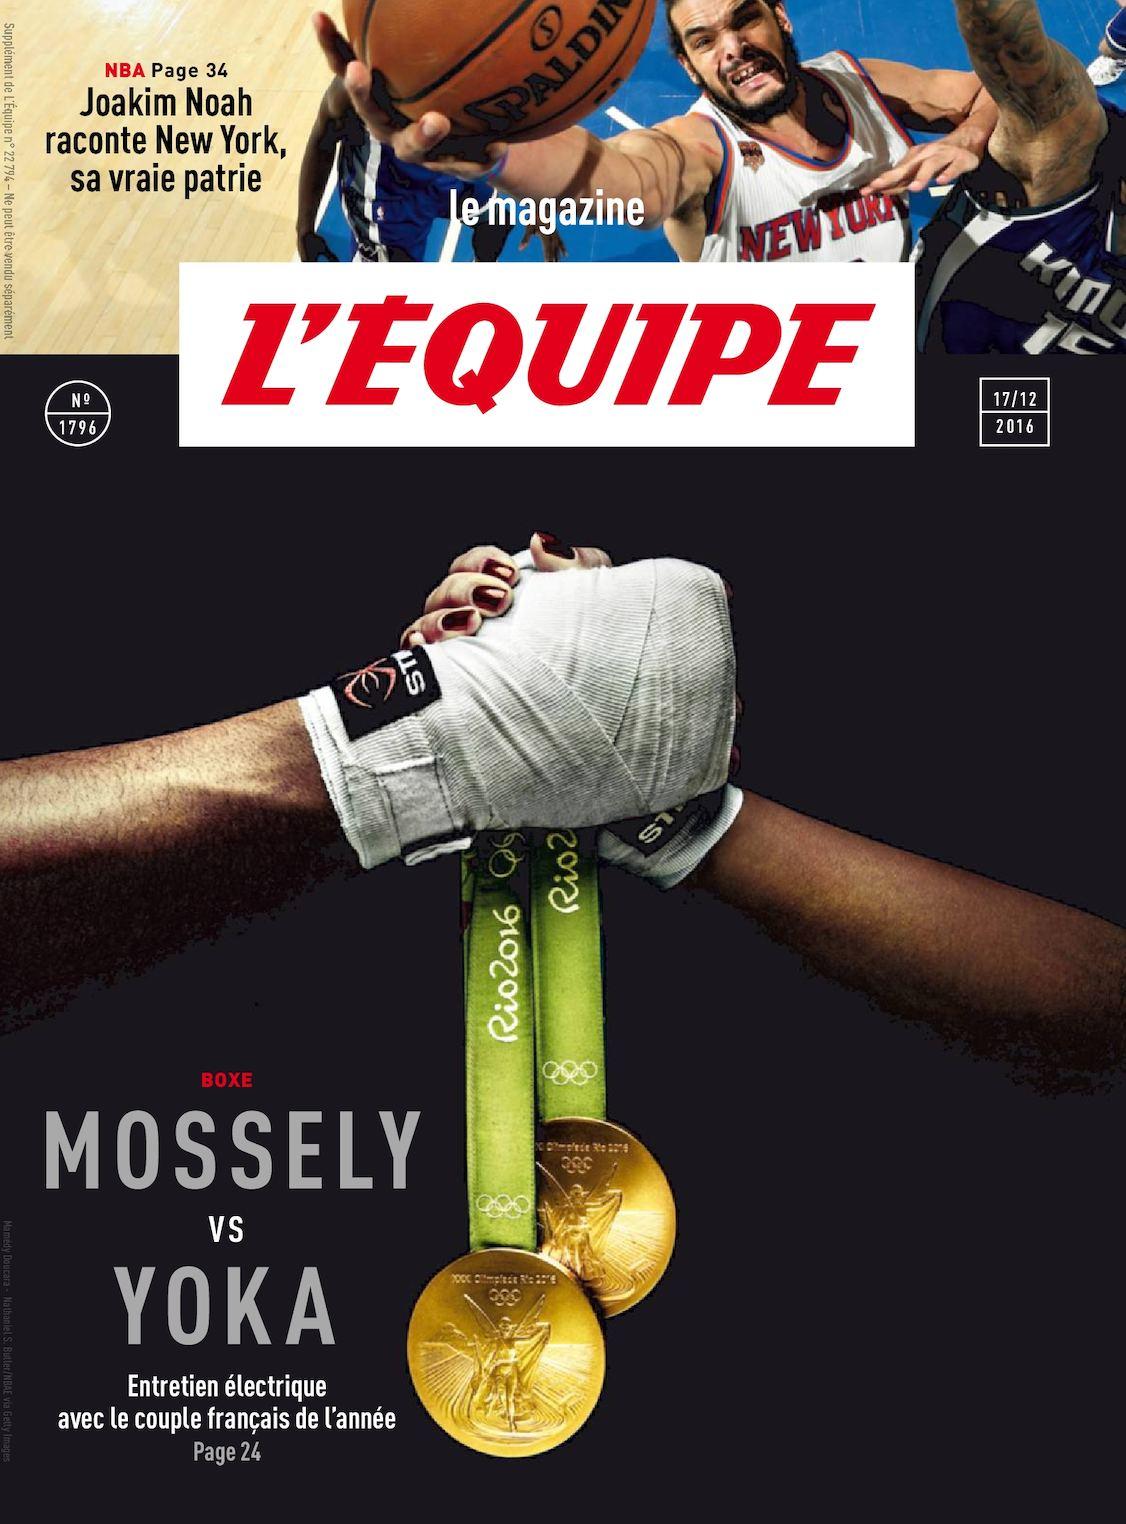 24d3708d57 Calaméo - MMS - L'Équipe Magazine N°1796 - Décembre 2016